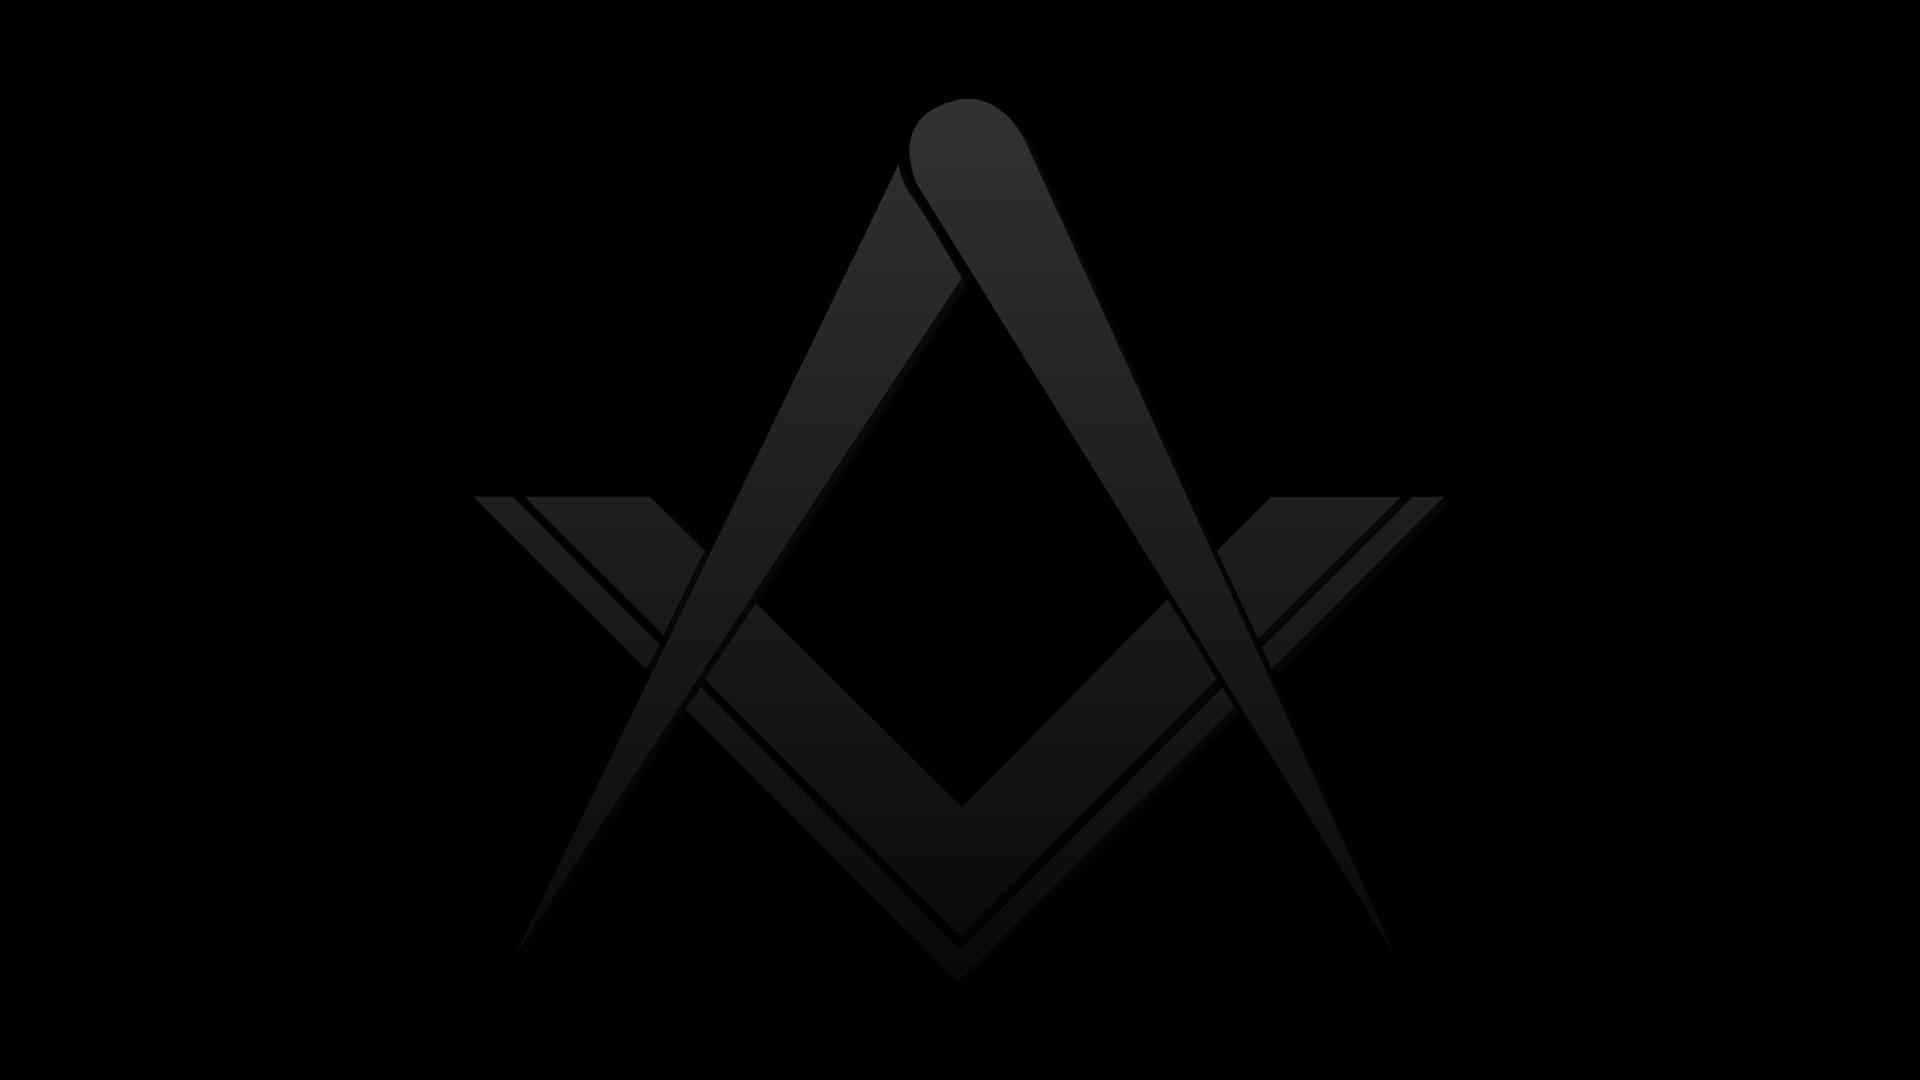 Masonic, GIV.746